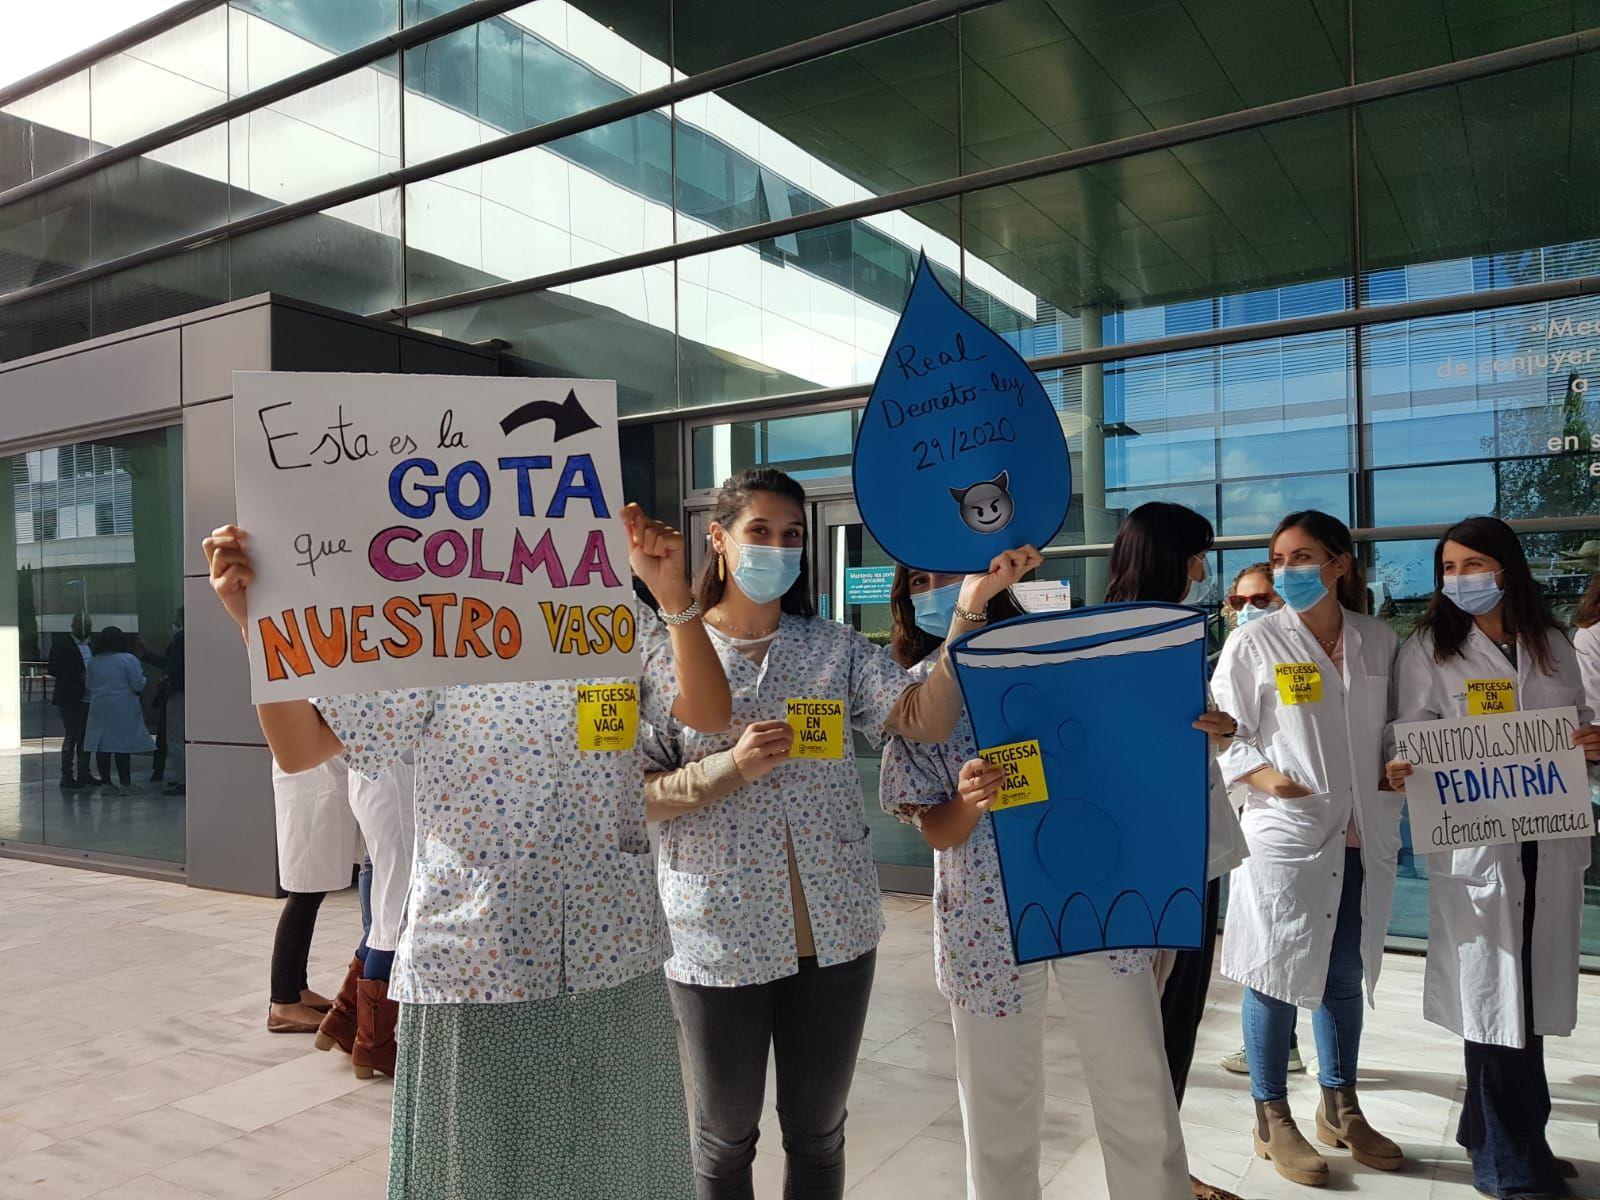 Huelga de médicos en Baleares